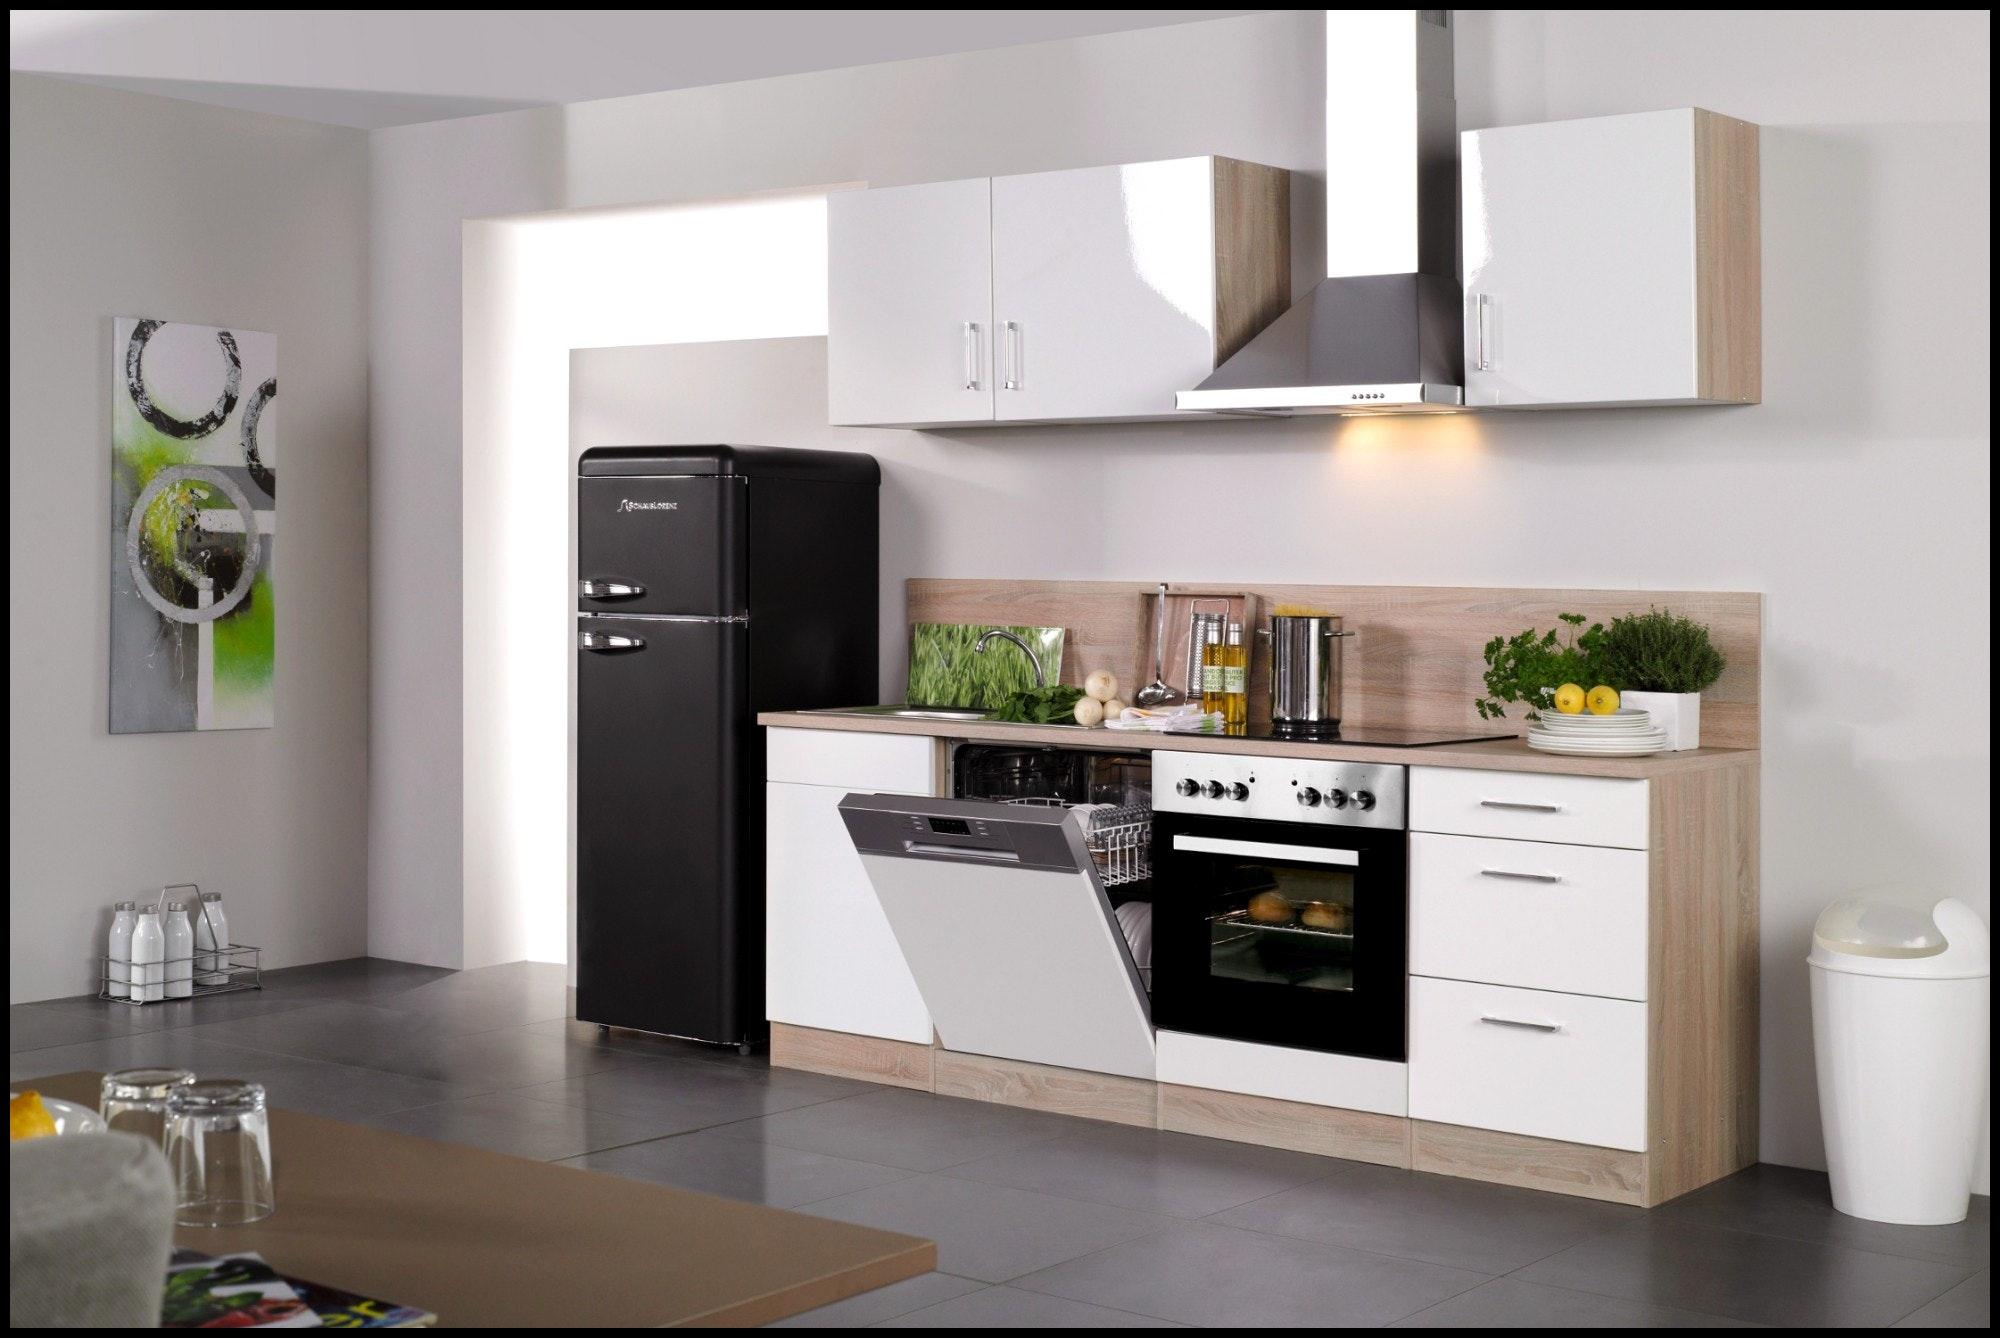 Full Size of Poco Küchenblock 181560 Haus Möbel Küchenblock Ziemlich Winkelkuche Mit Elektrogeraten K Küche Poco Küche